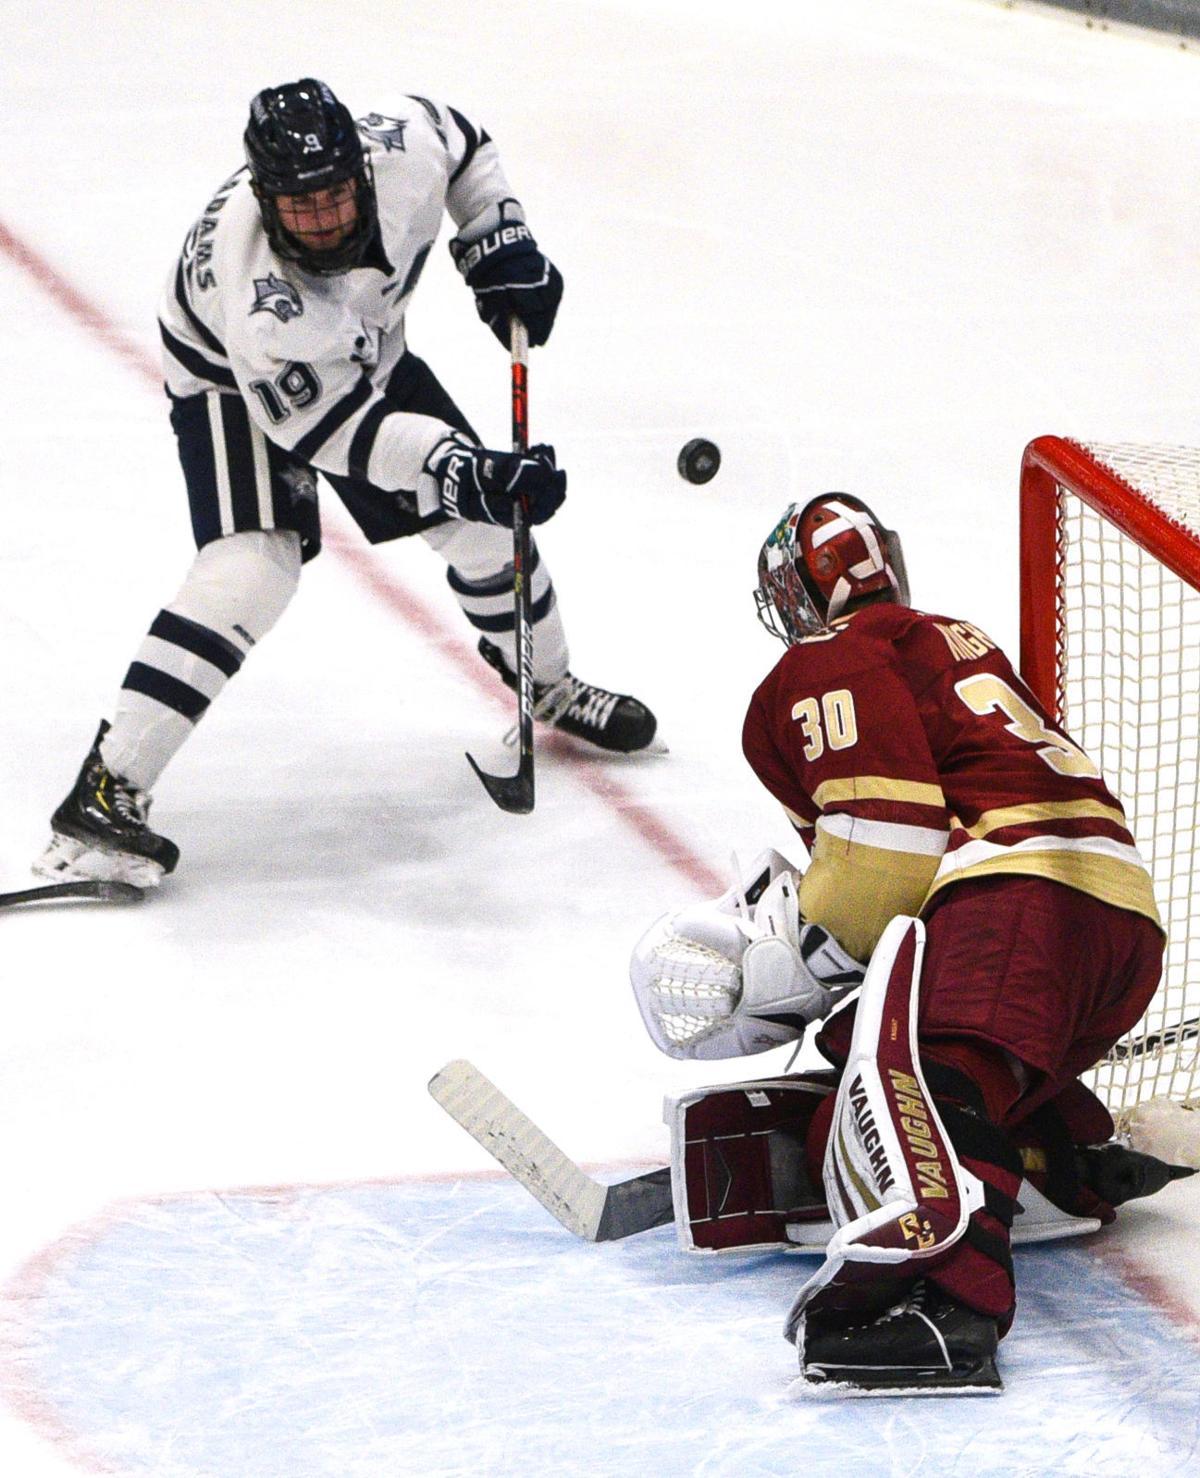 UNH hockey pic 2